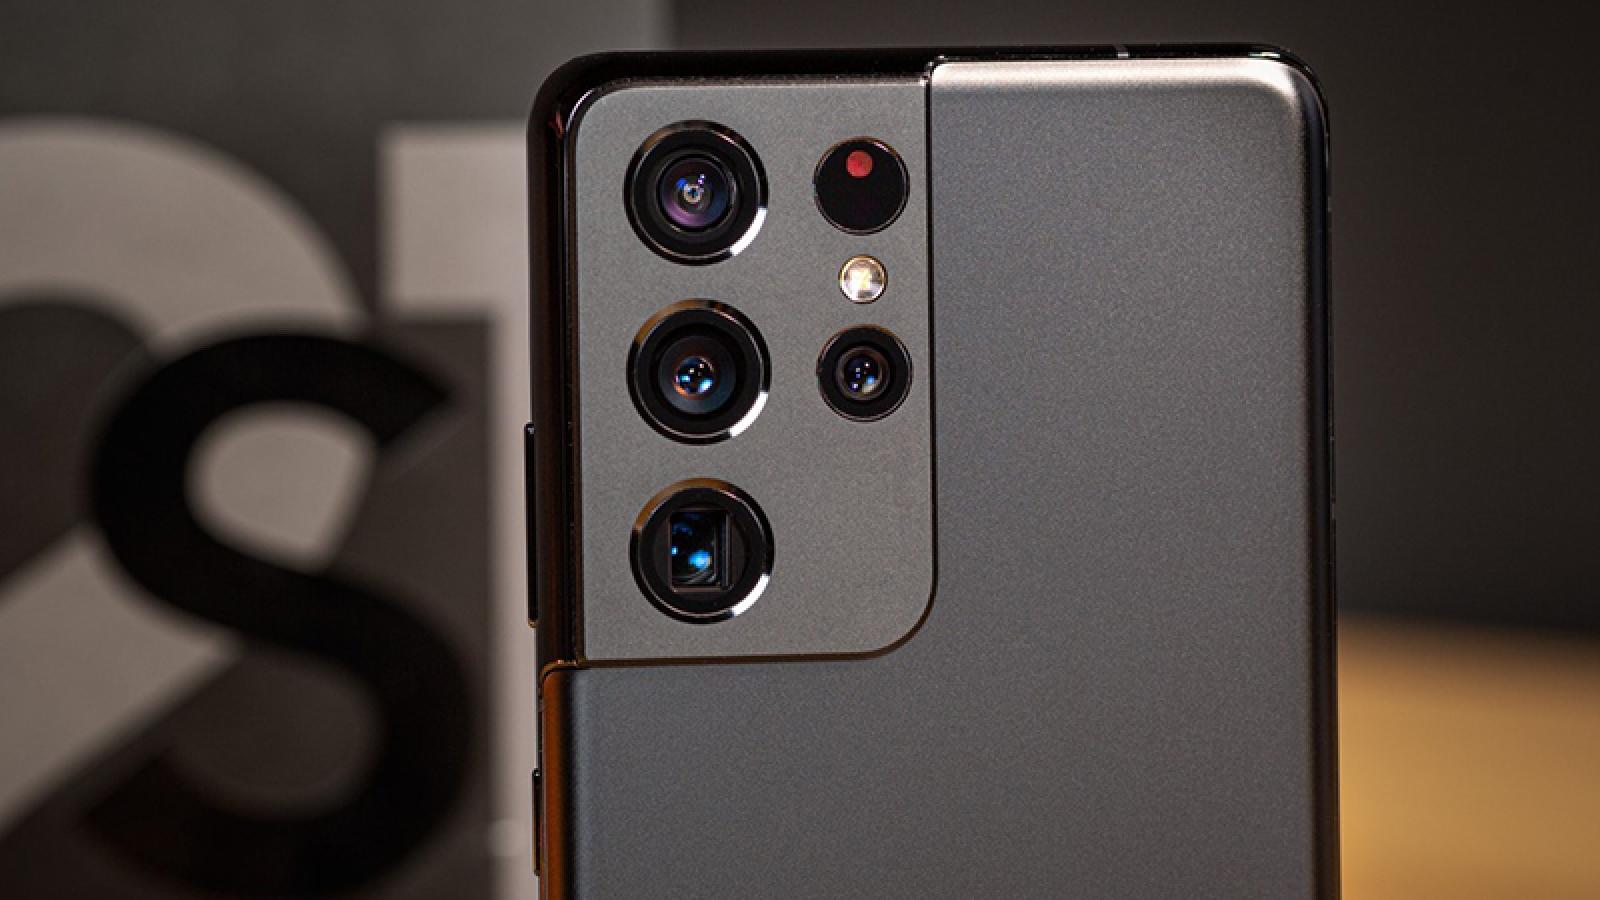 Khả năng chụp ảnh của Galaxy S21 Ultra kém hơn S20 Ultra?